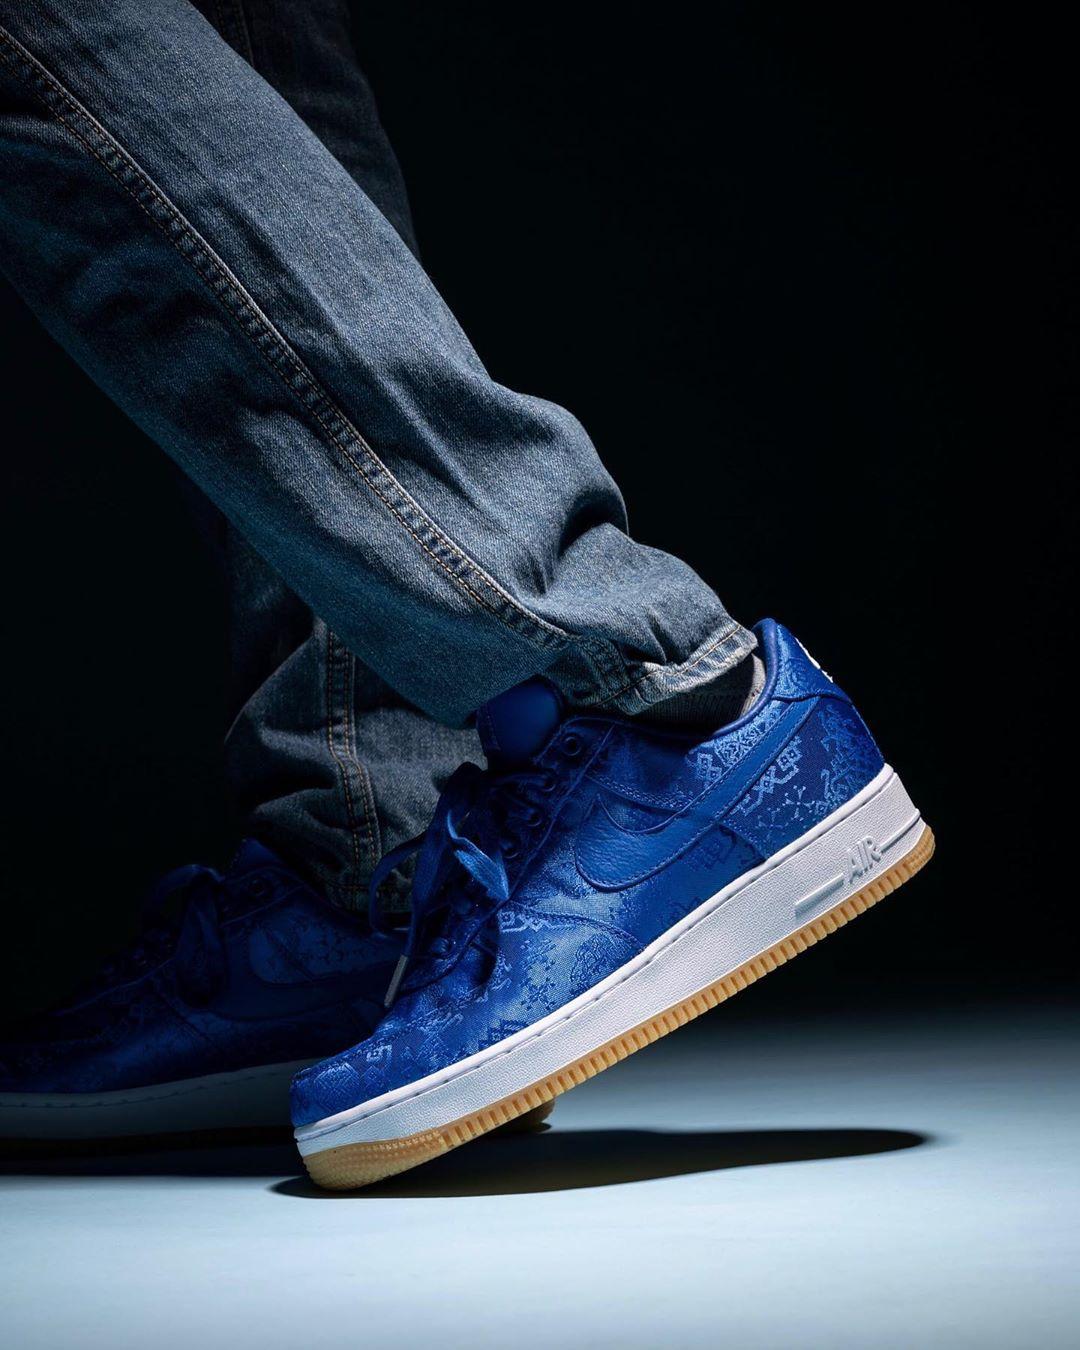 蓝丝绸,CLOT,Nike,Air Force 1 Low, 原价入手的最后机会!「蓝丝绸」CLOT x AF1 官网链接曝光!